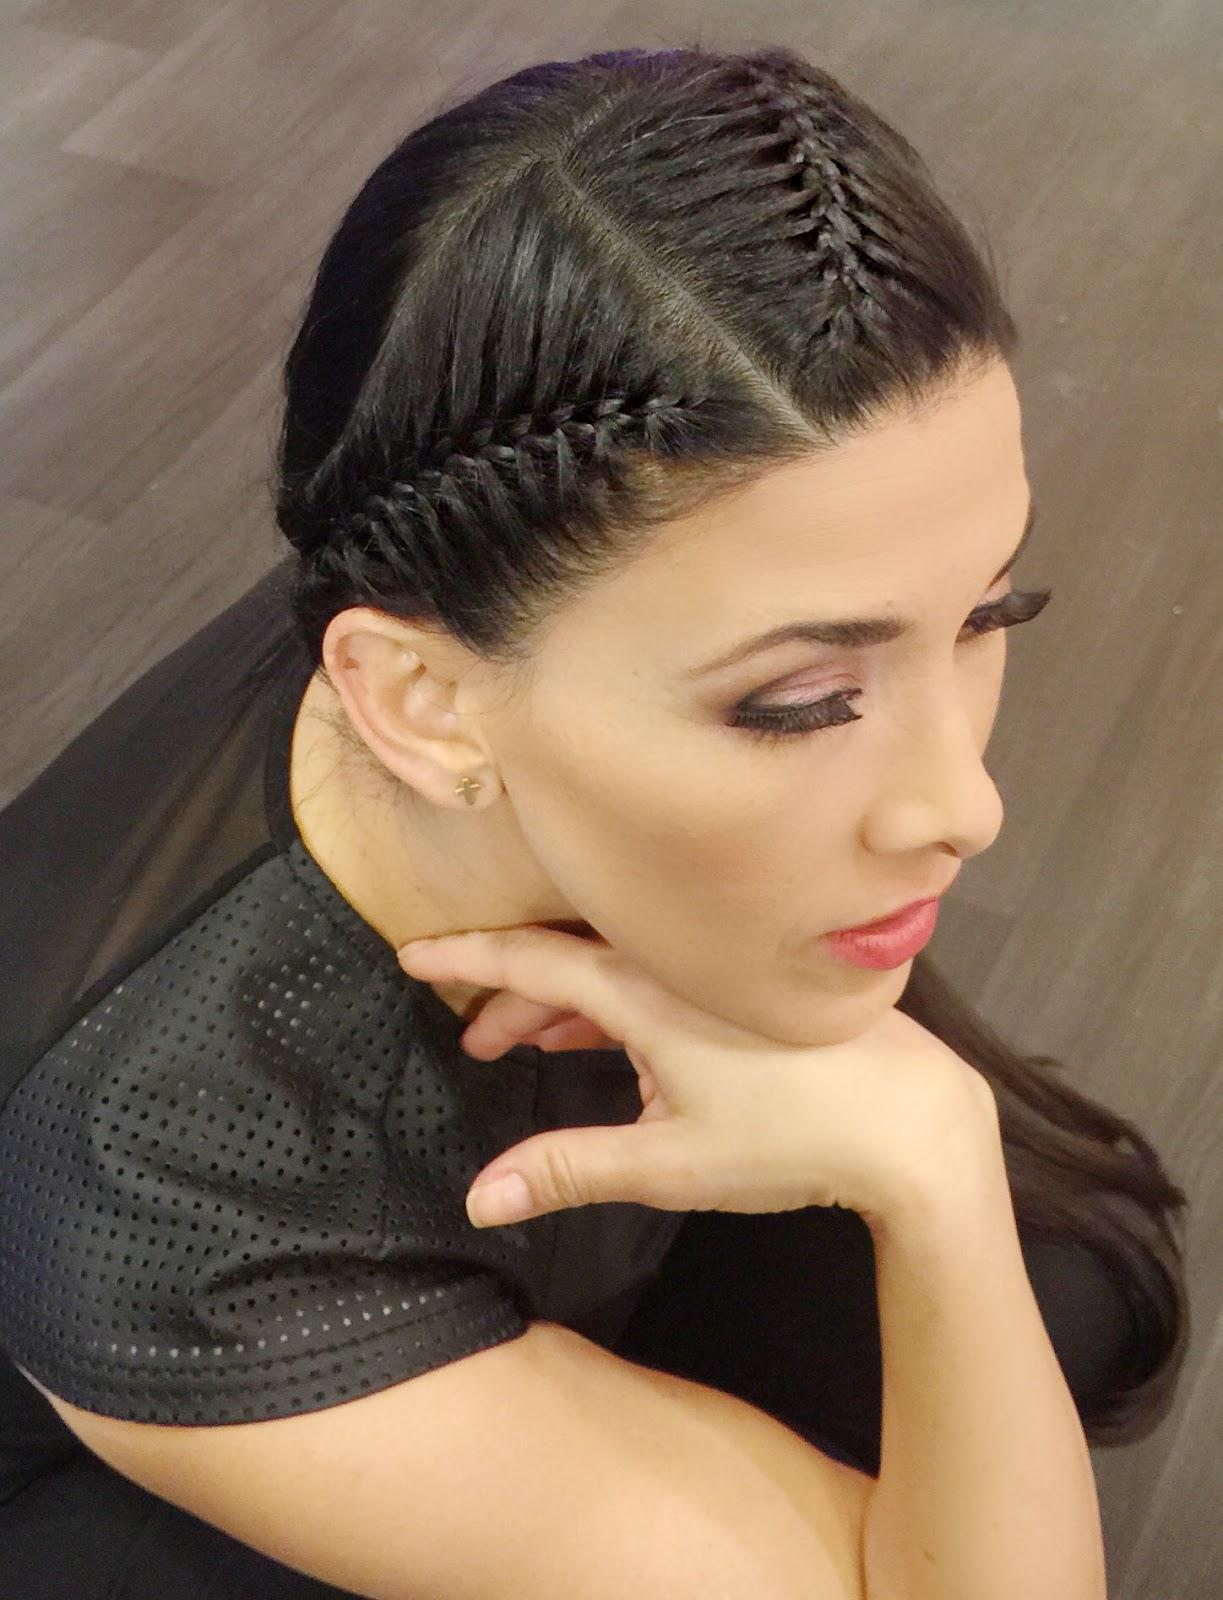 Completamente imperfecto peinados bonitos Fotos de cortes de pelo Consejos - La moda en tu cabello: Lindos peinados con trenzas /2018